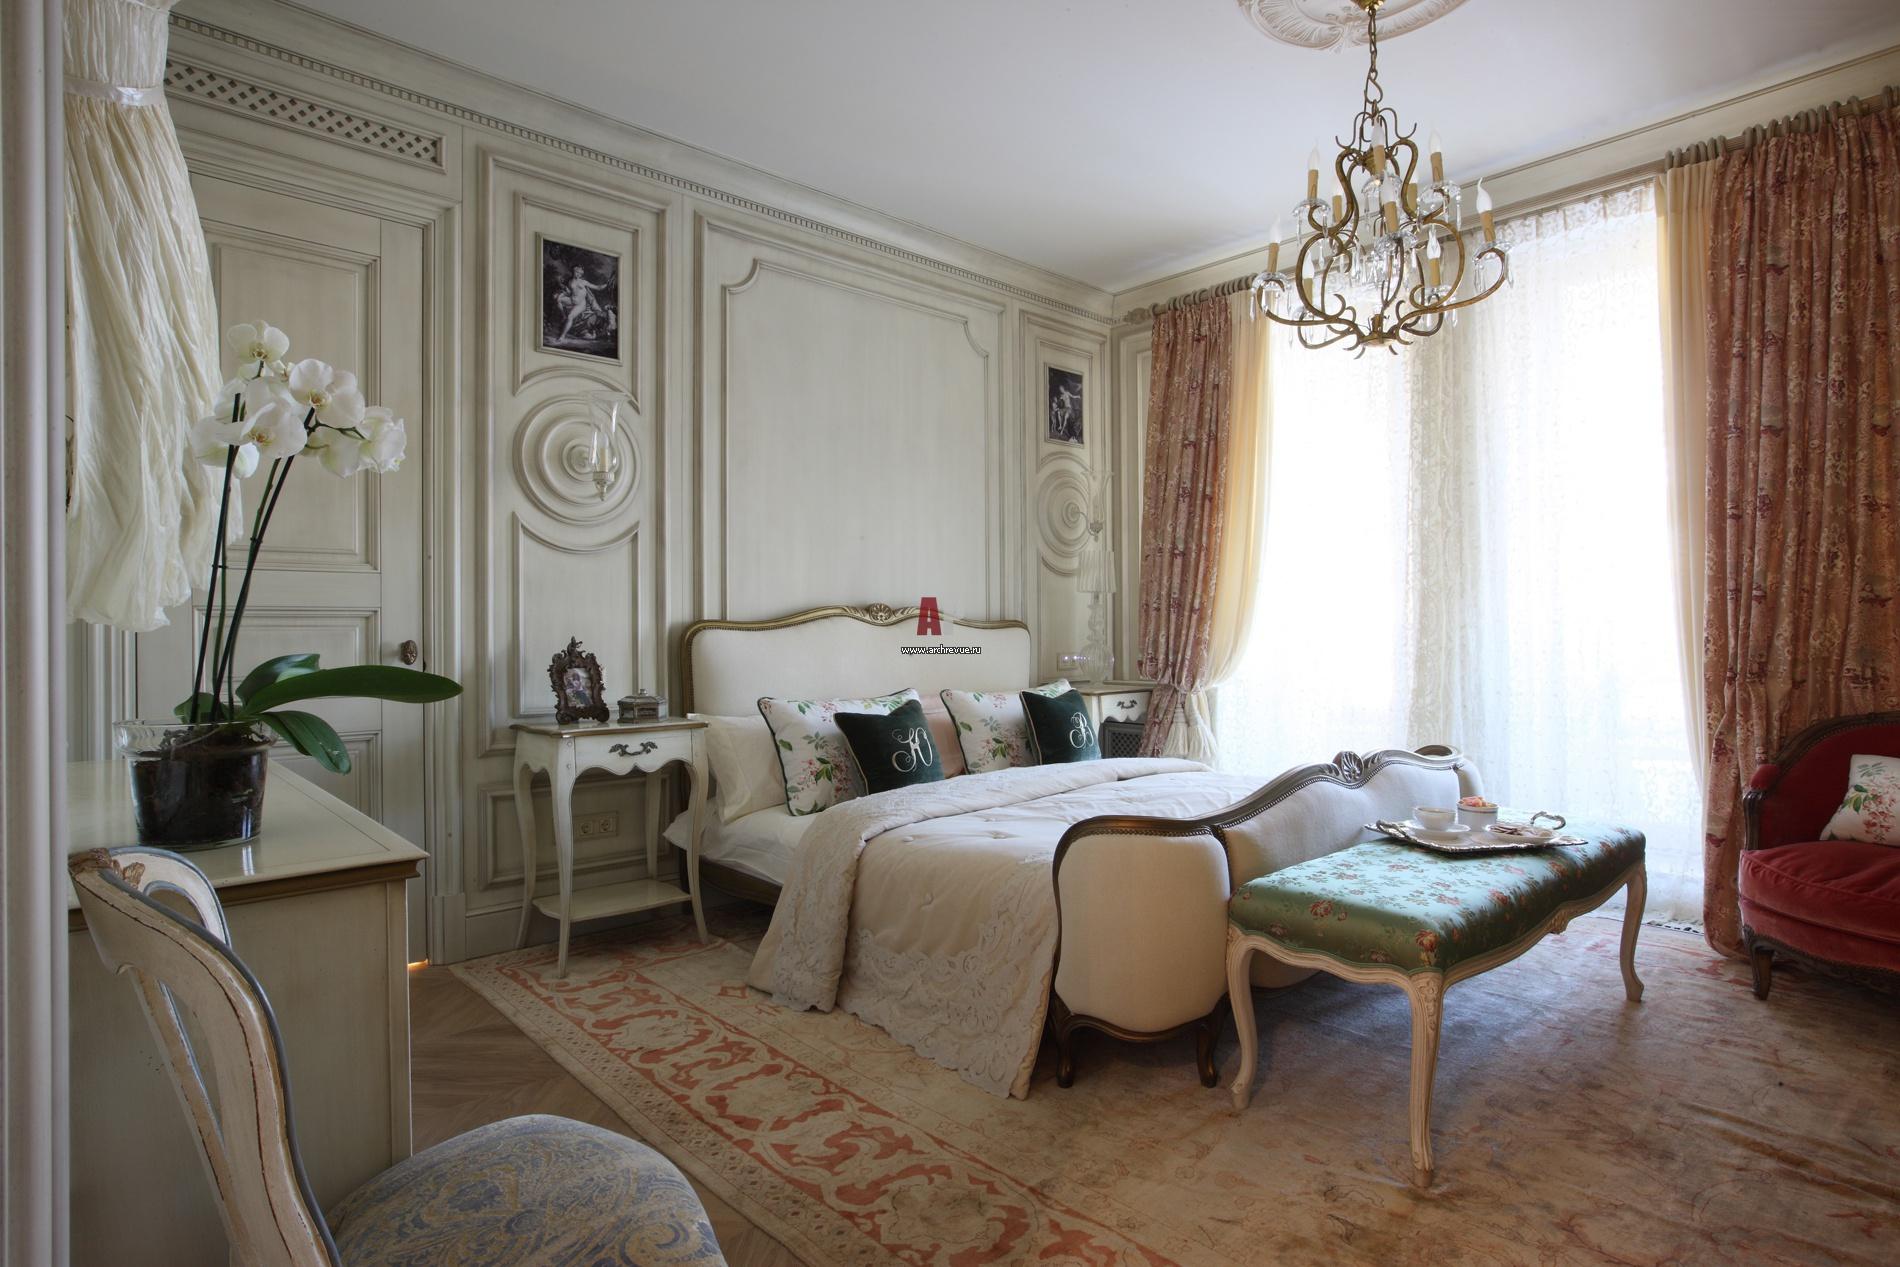 Как стильно обКак стильно обставить небольшую французскую квартиру ставить небольшую французскую квартиру